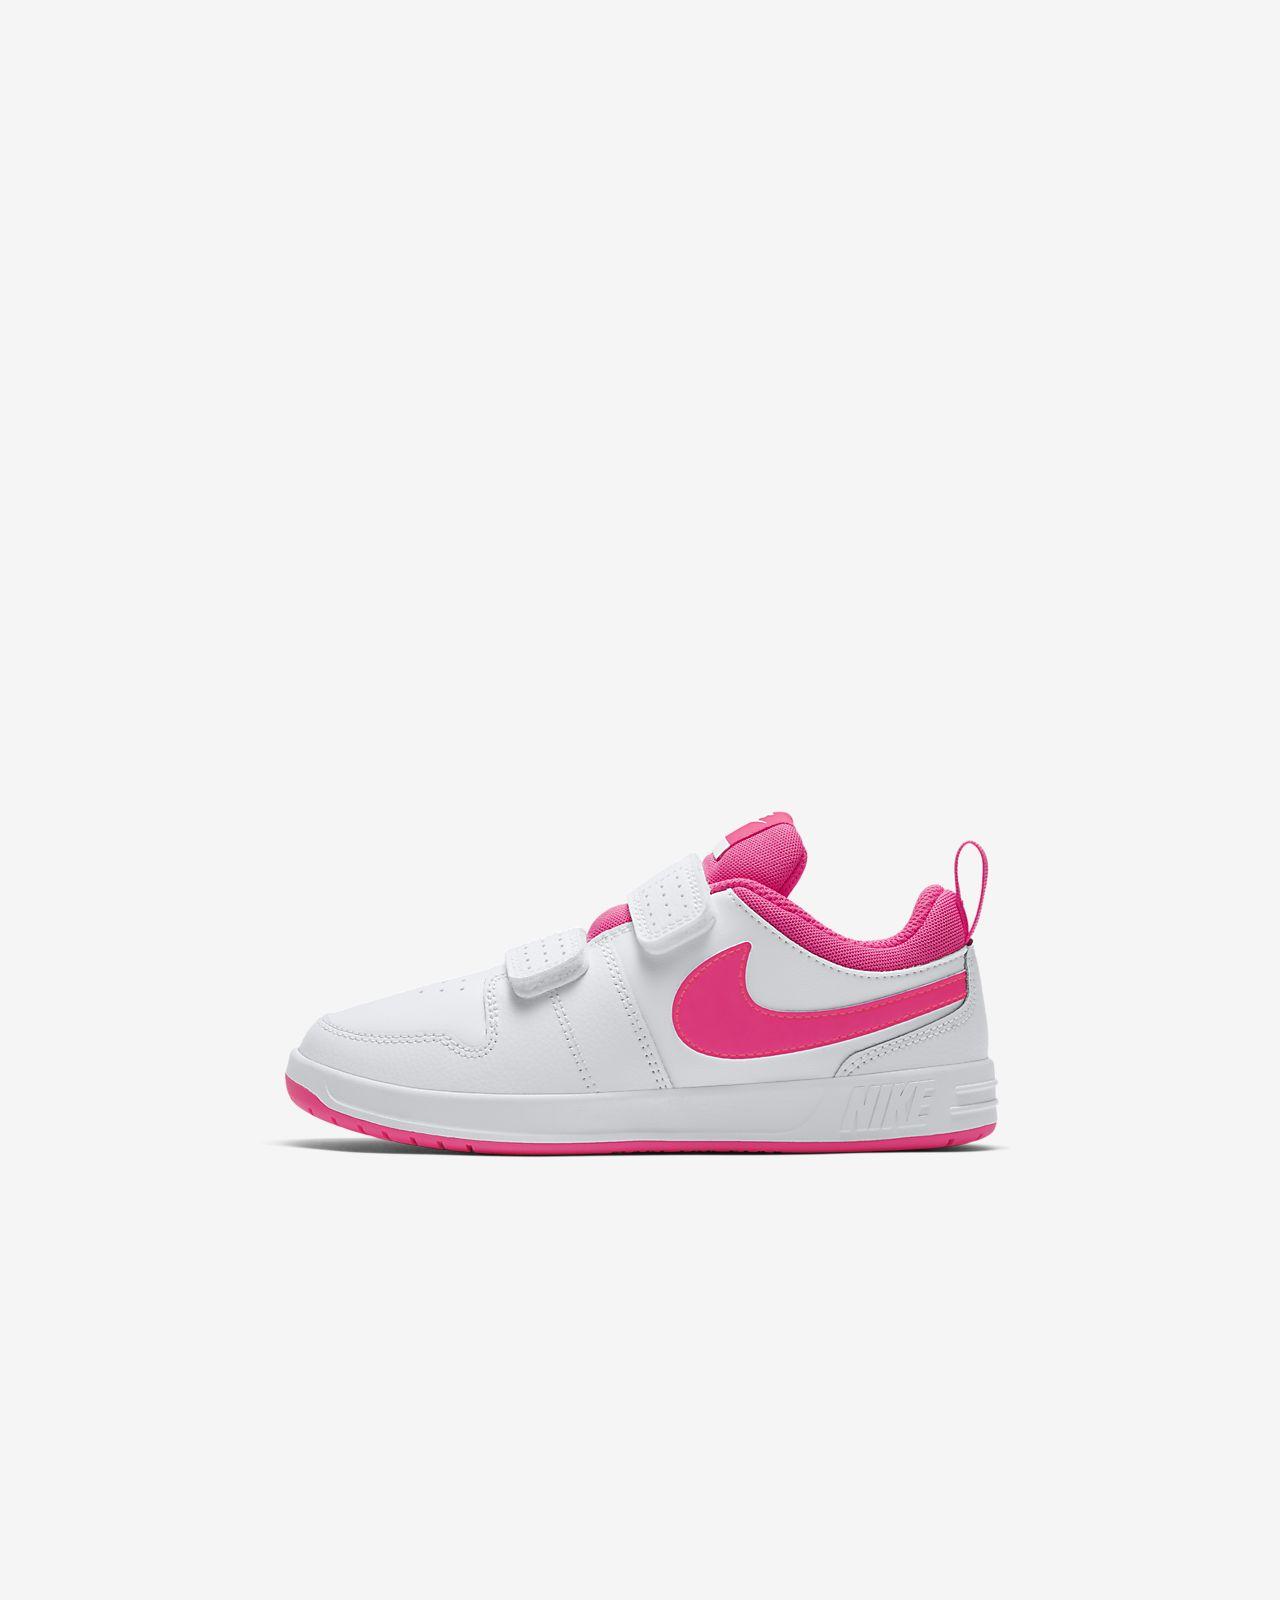 Nike Pico 5 (PSV) 幼童运动童鞋